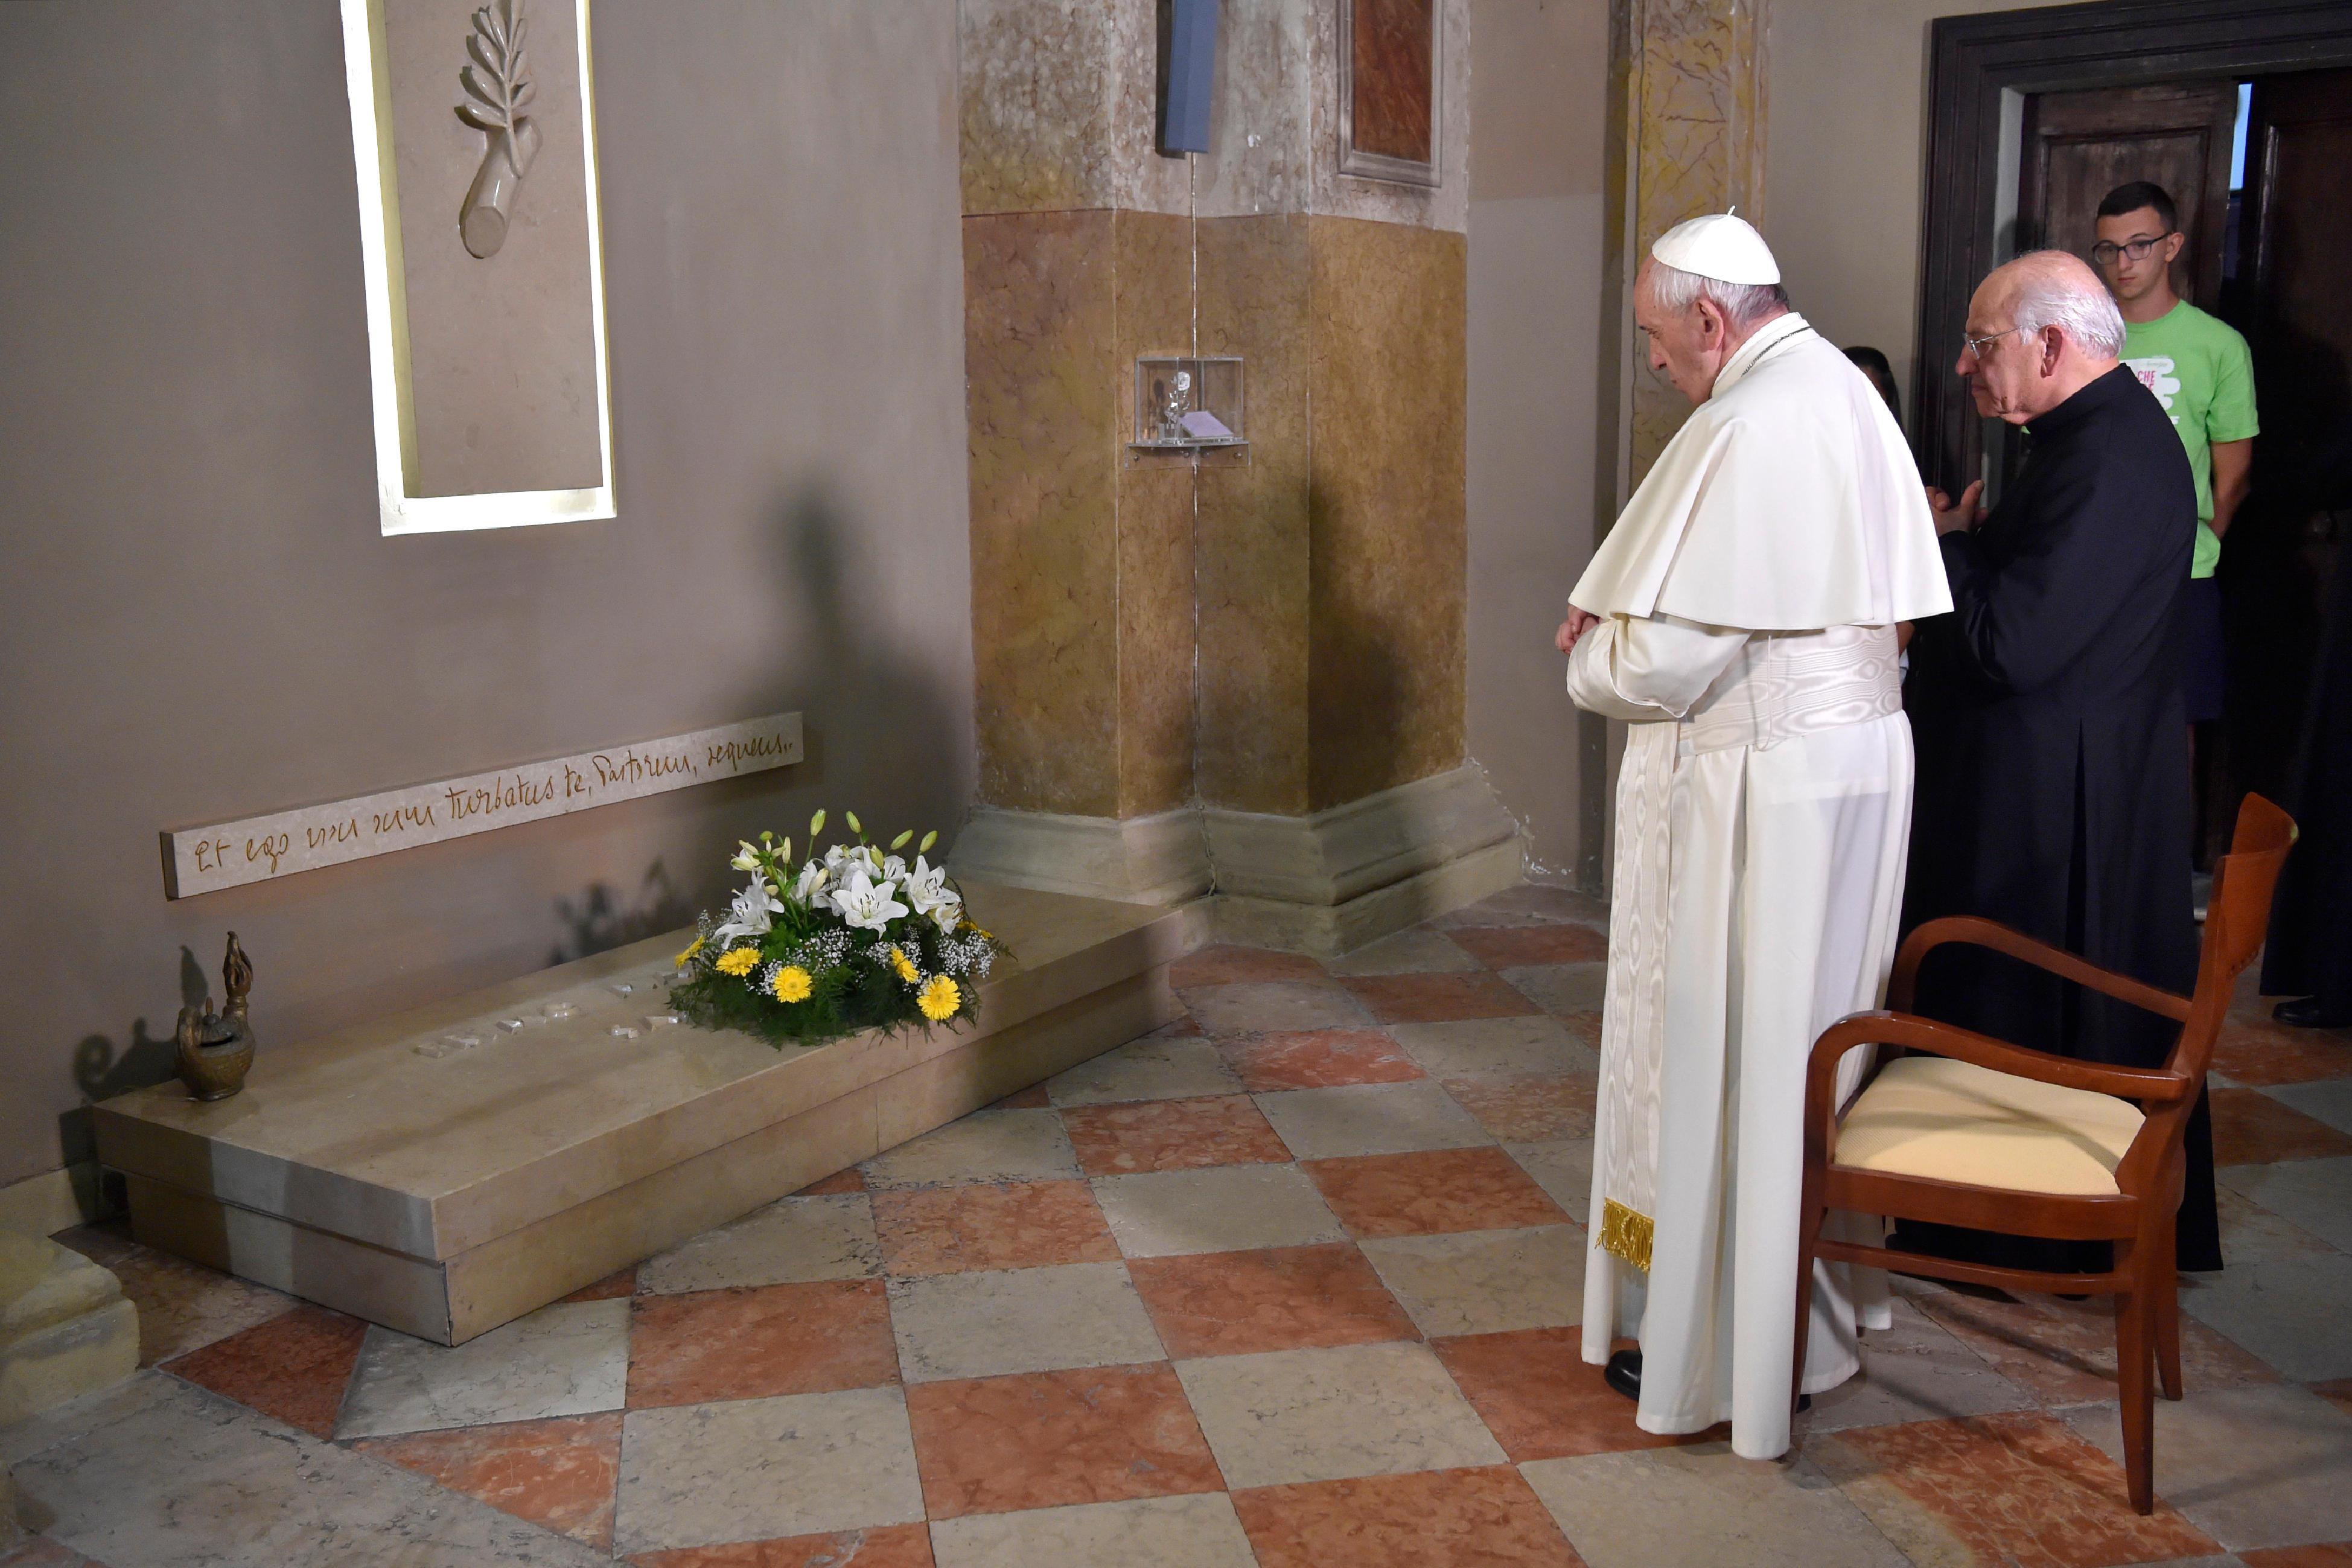 Visite à Bozzolo sur la tombe de Don Primo Mazzolari © L'Osservatore Romano